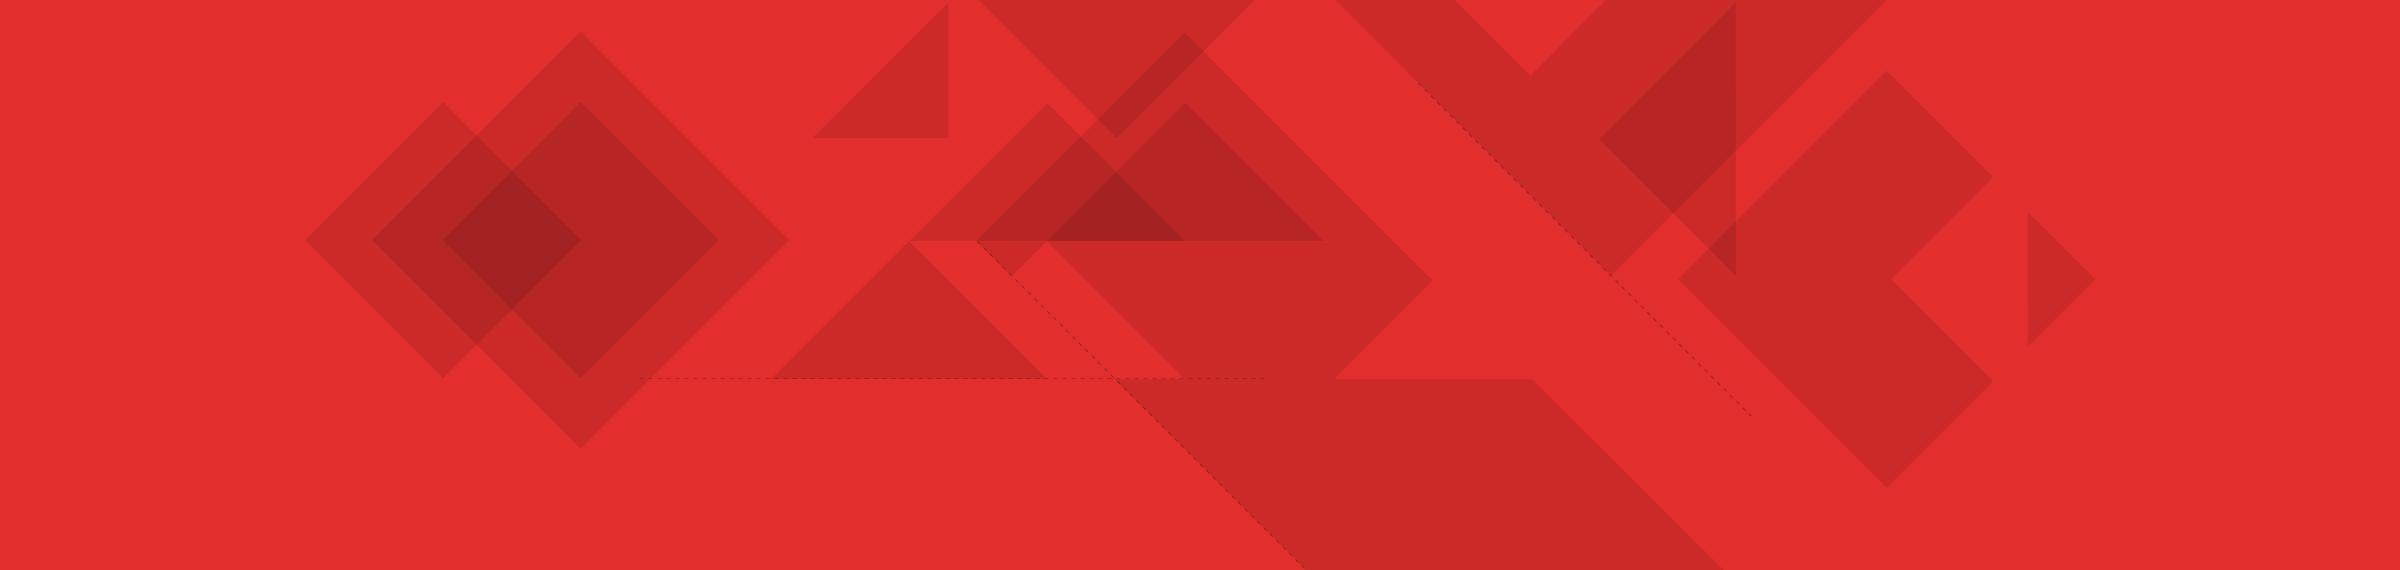 entry-bg